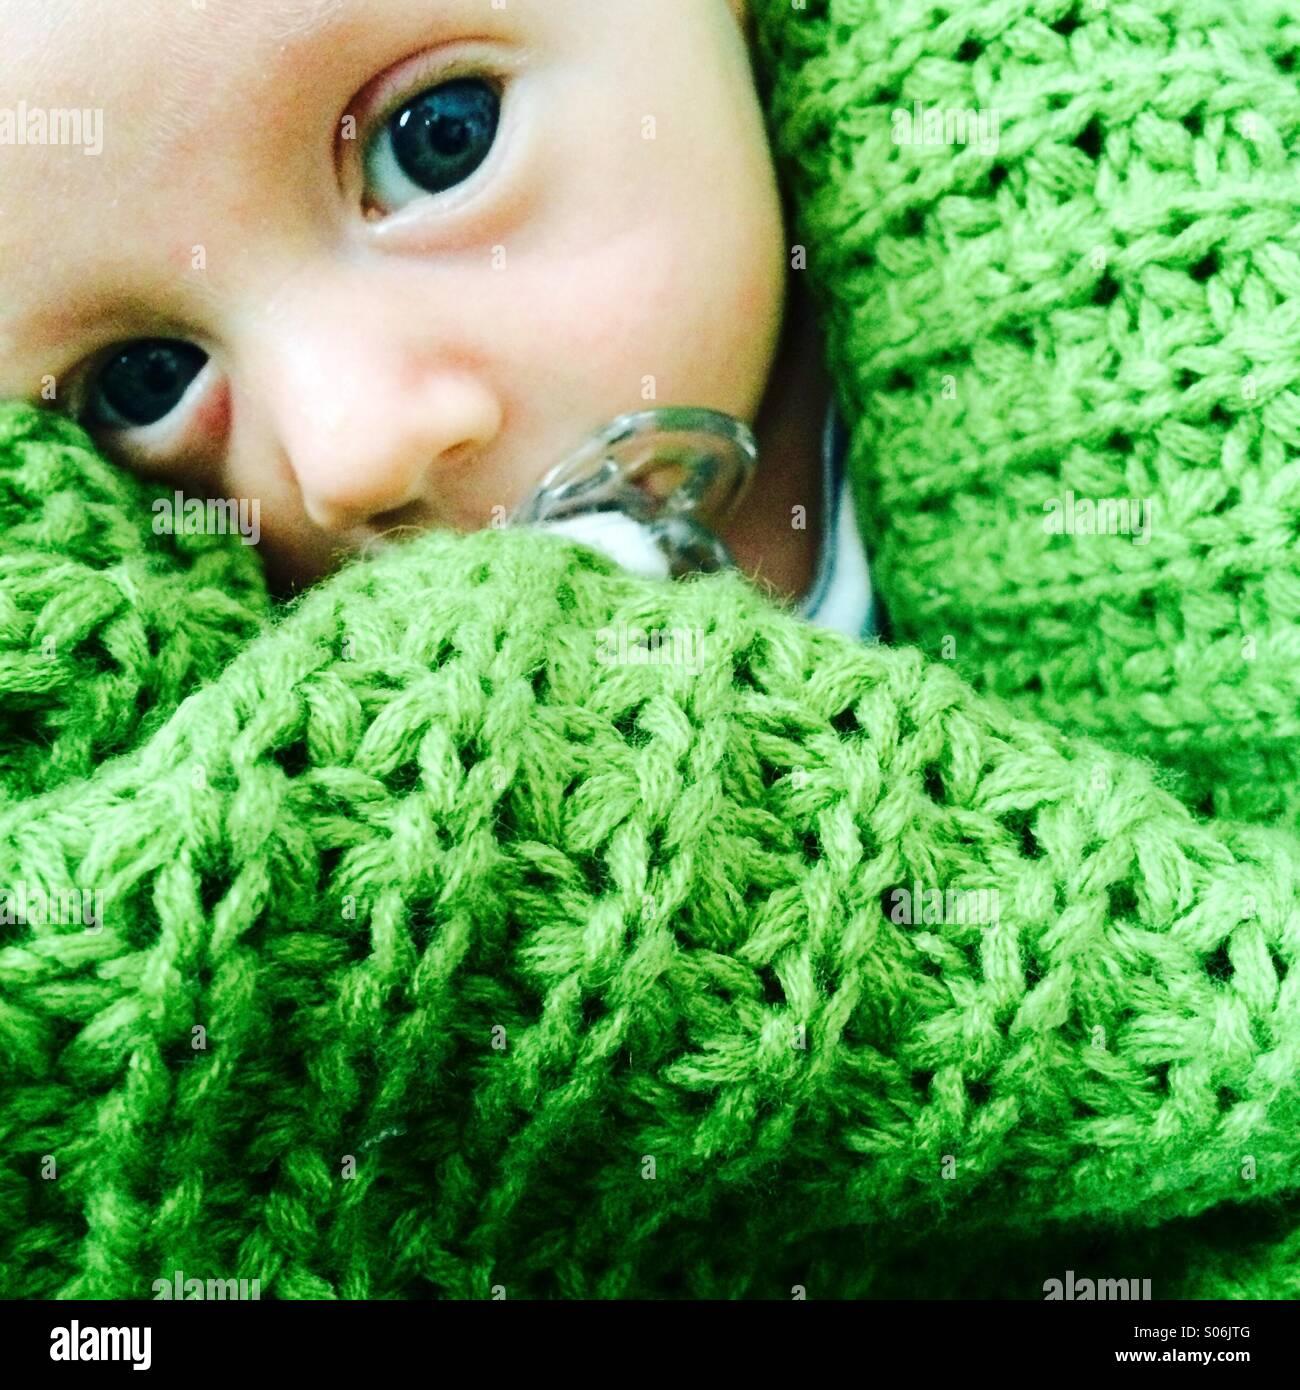 Un bébé bercé par une équipe à partir d'une couverture verte Photo Stock